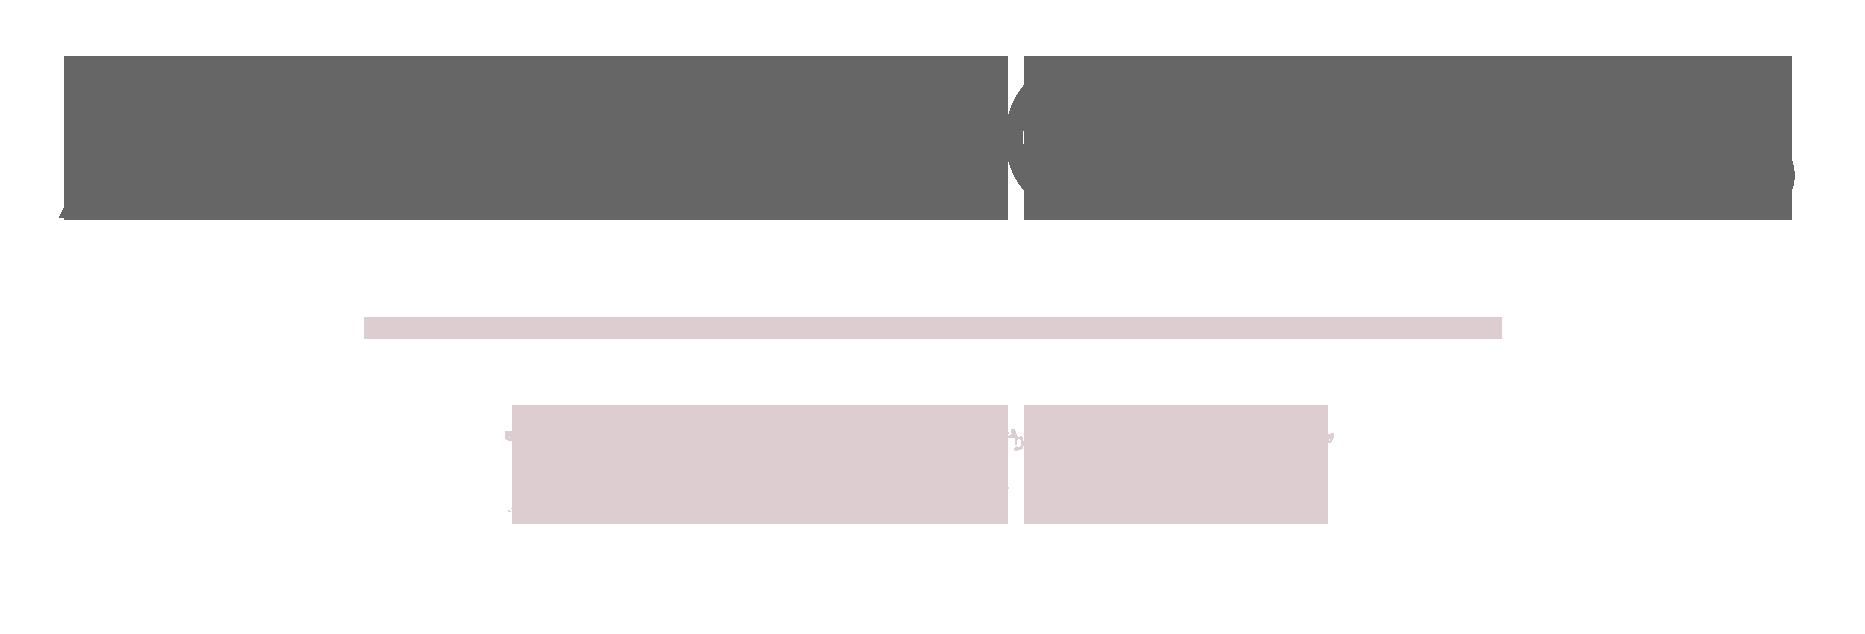 annabowkisphotography.com